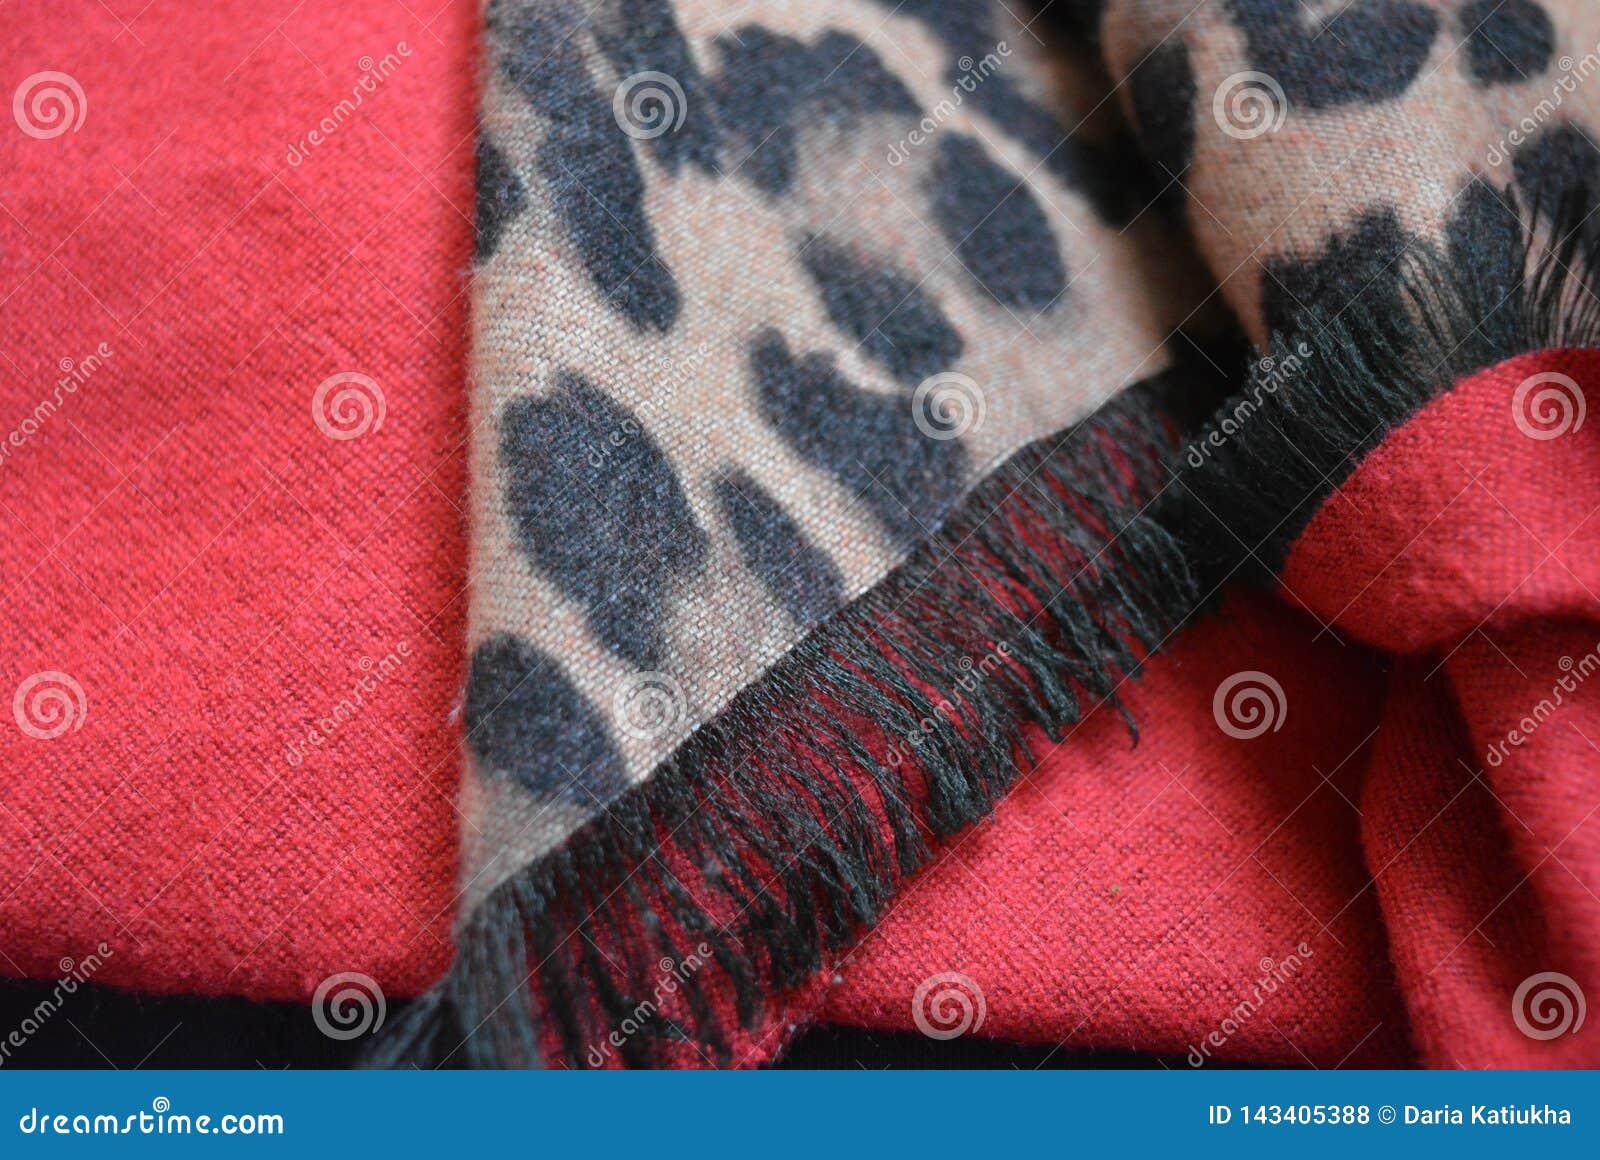 Mycket härlig leopardfärgläggning, leopardtrycksvart och beige färgbakgrund i fläckar, prickar på rött tyg